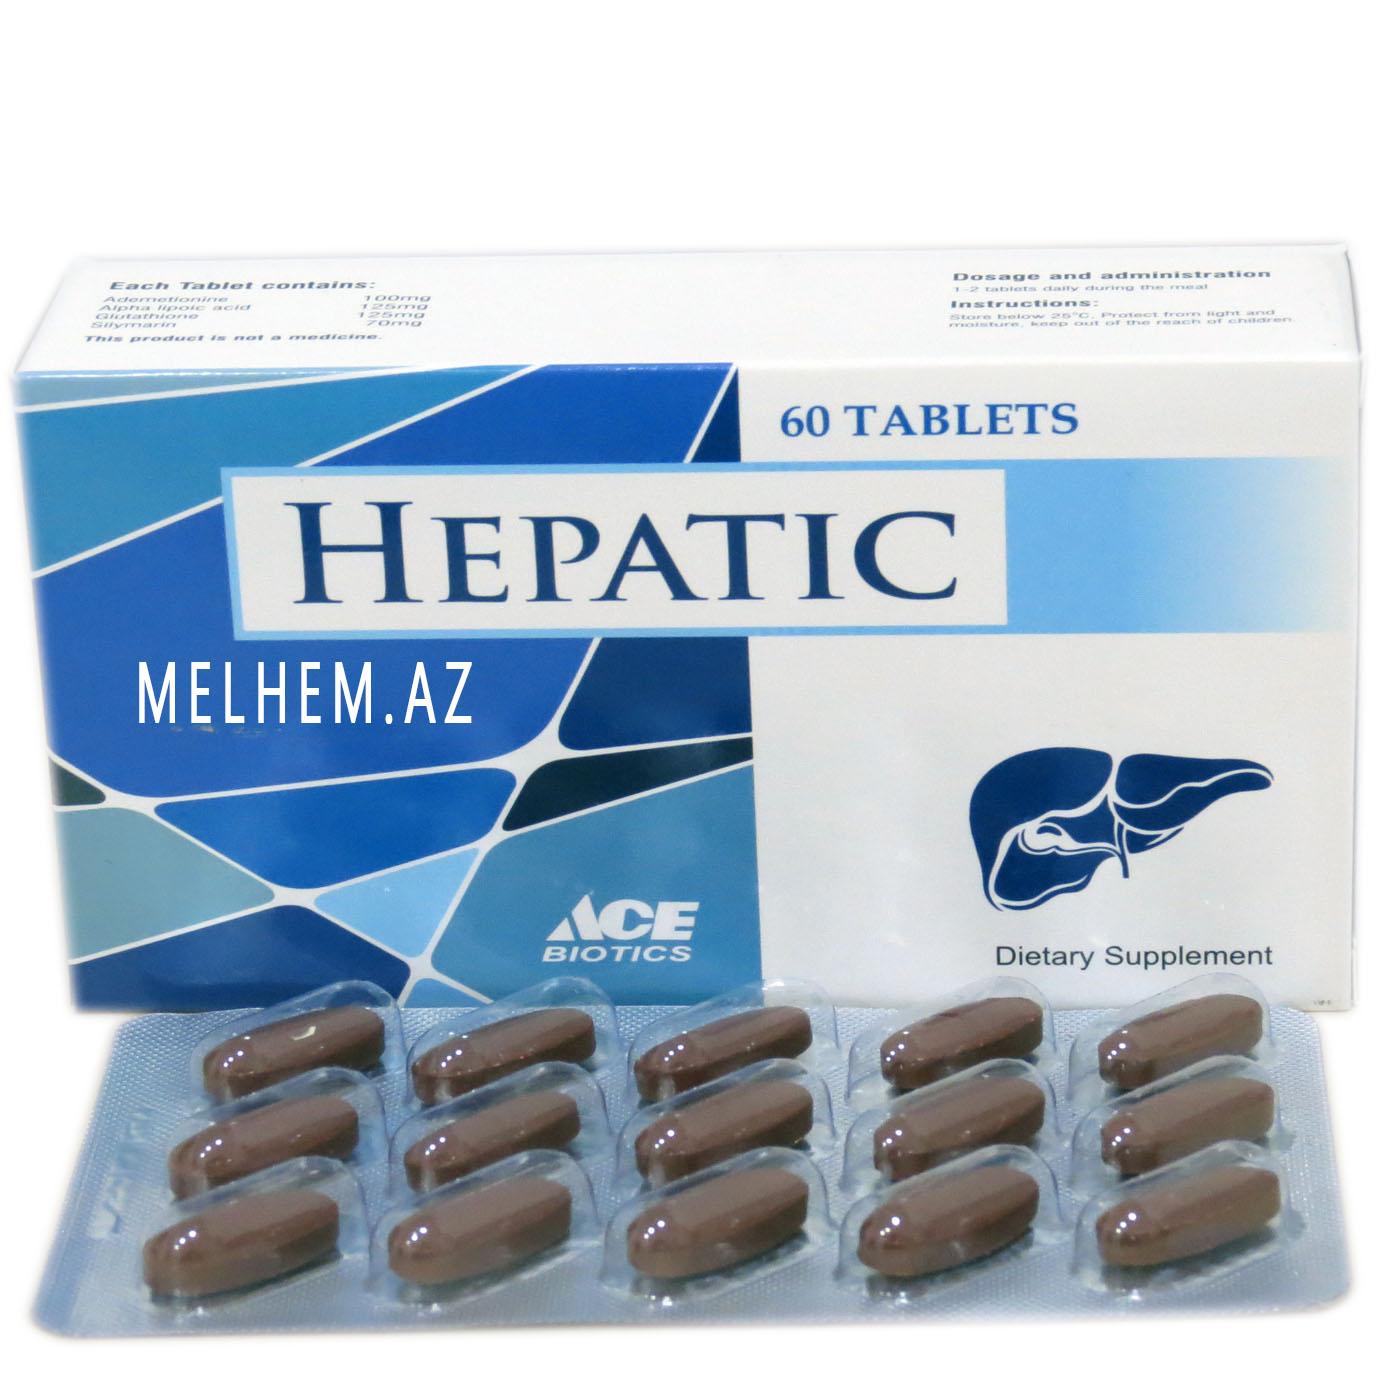 HEPATİC